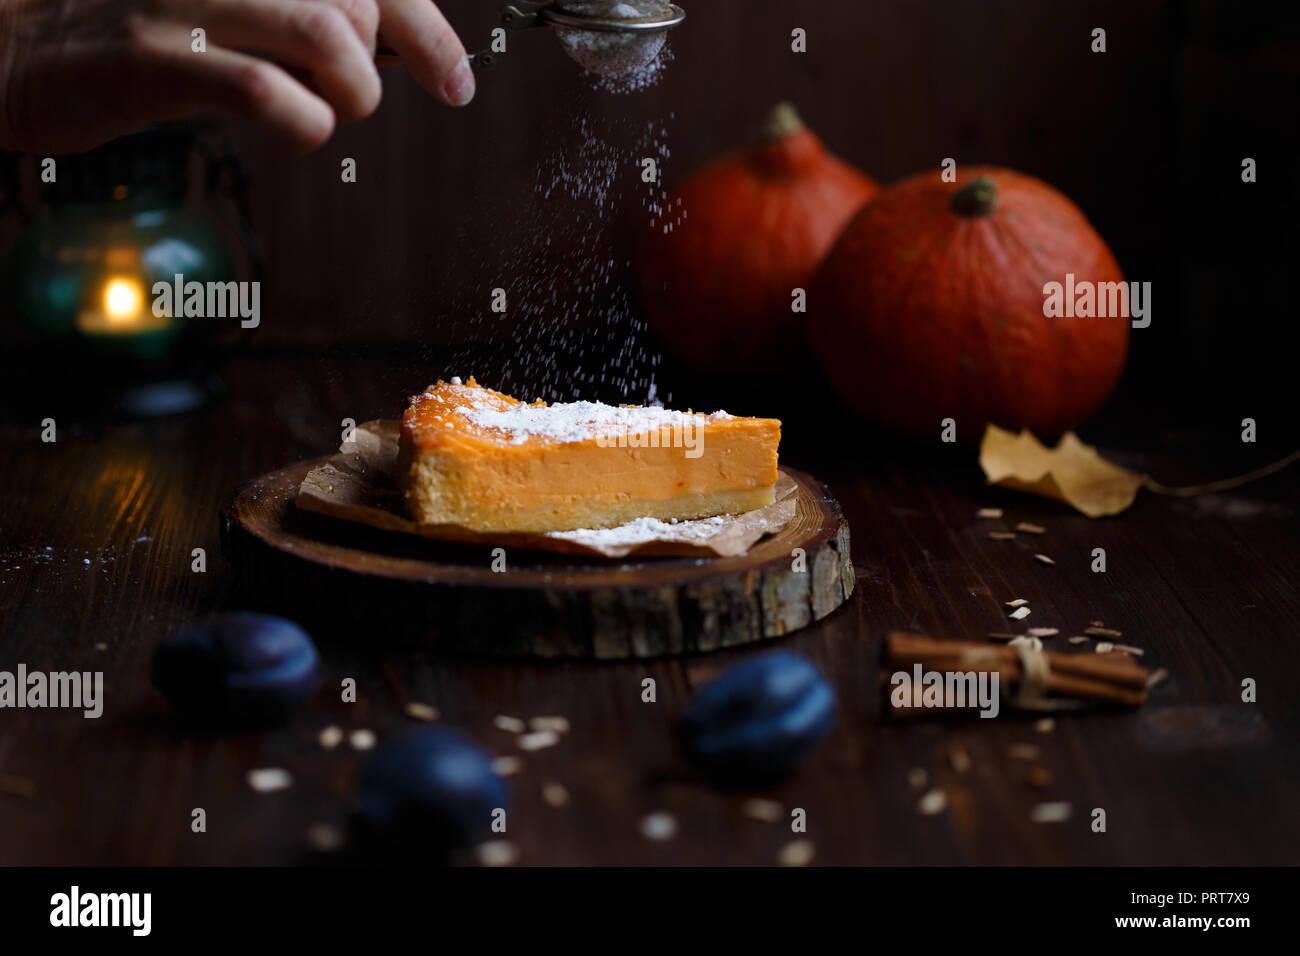 Saupoudre de sucre en poudre à la main féminine sur le gâteau au fromage à la citrouille. Citrouilles, lampe de table, feuillage, la vanille sur un fond sombre en bois. L'automne et l'hiver concept confortable Photo Stock